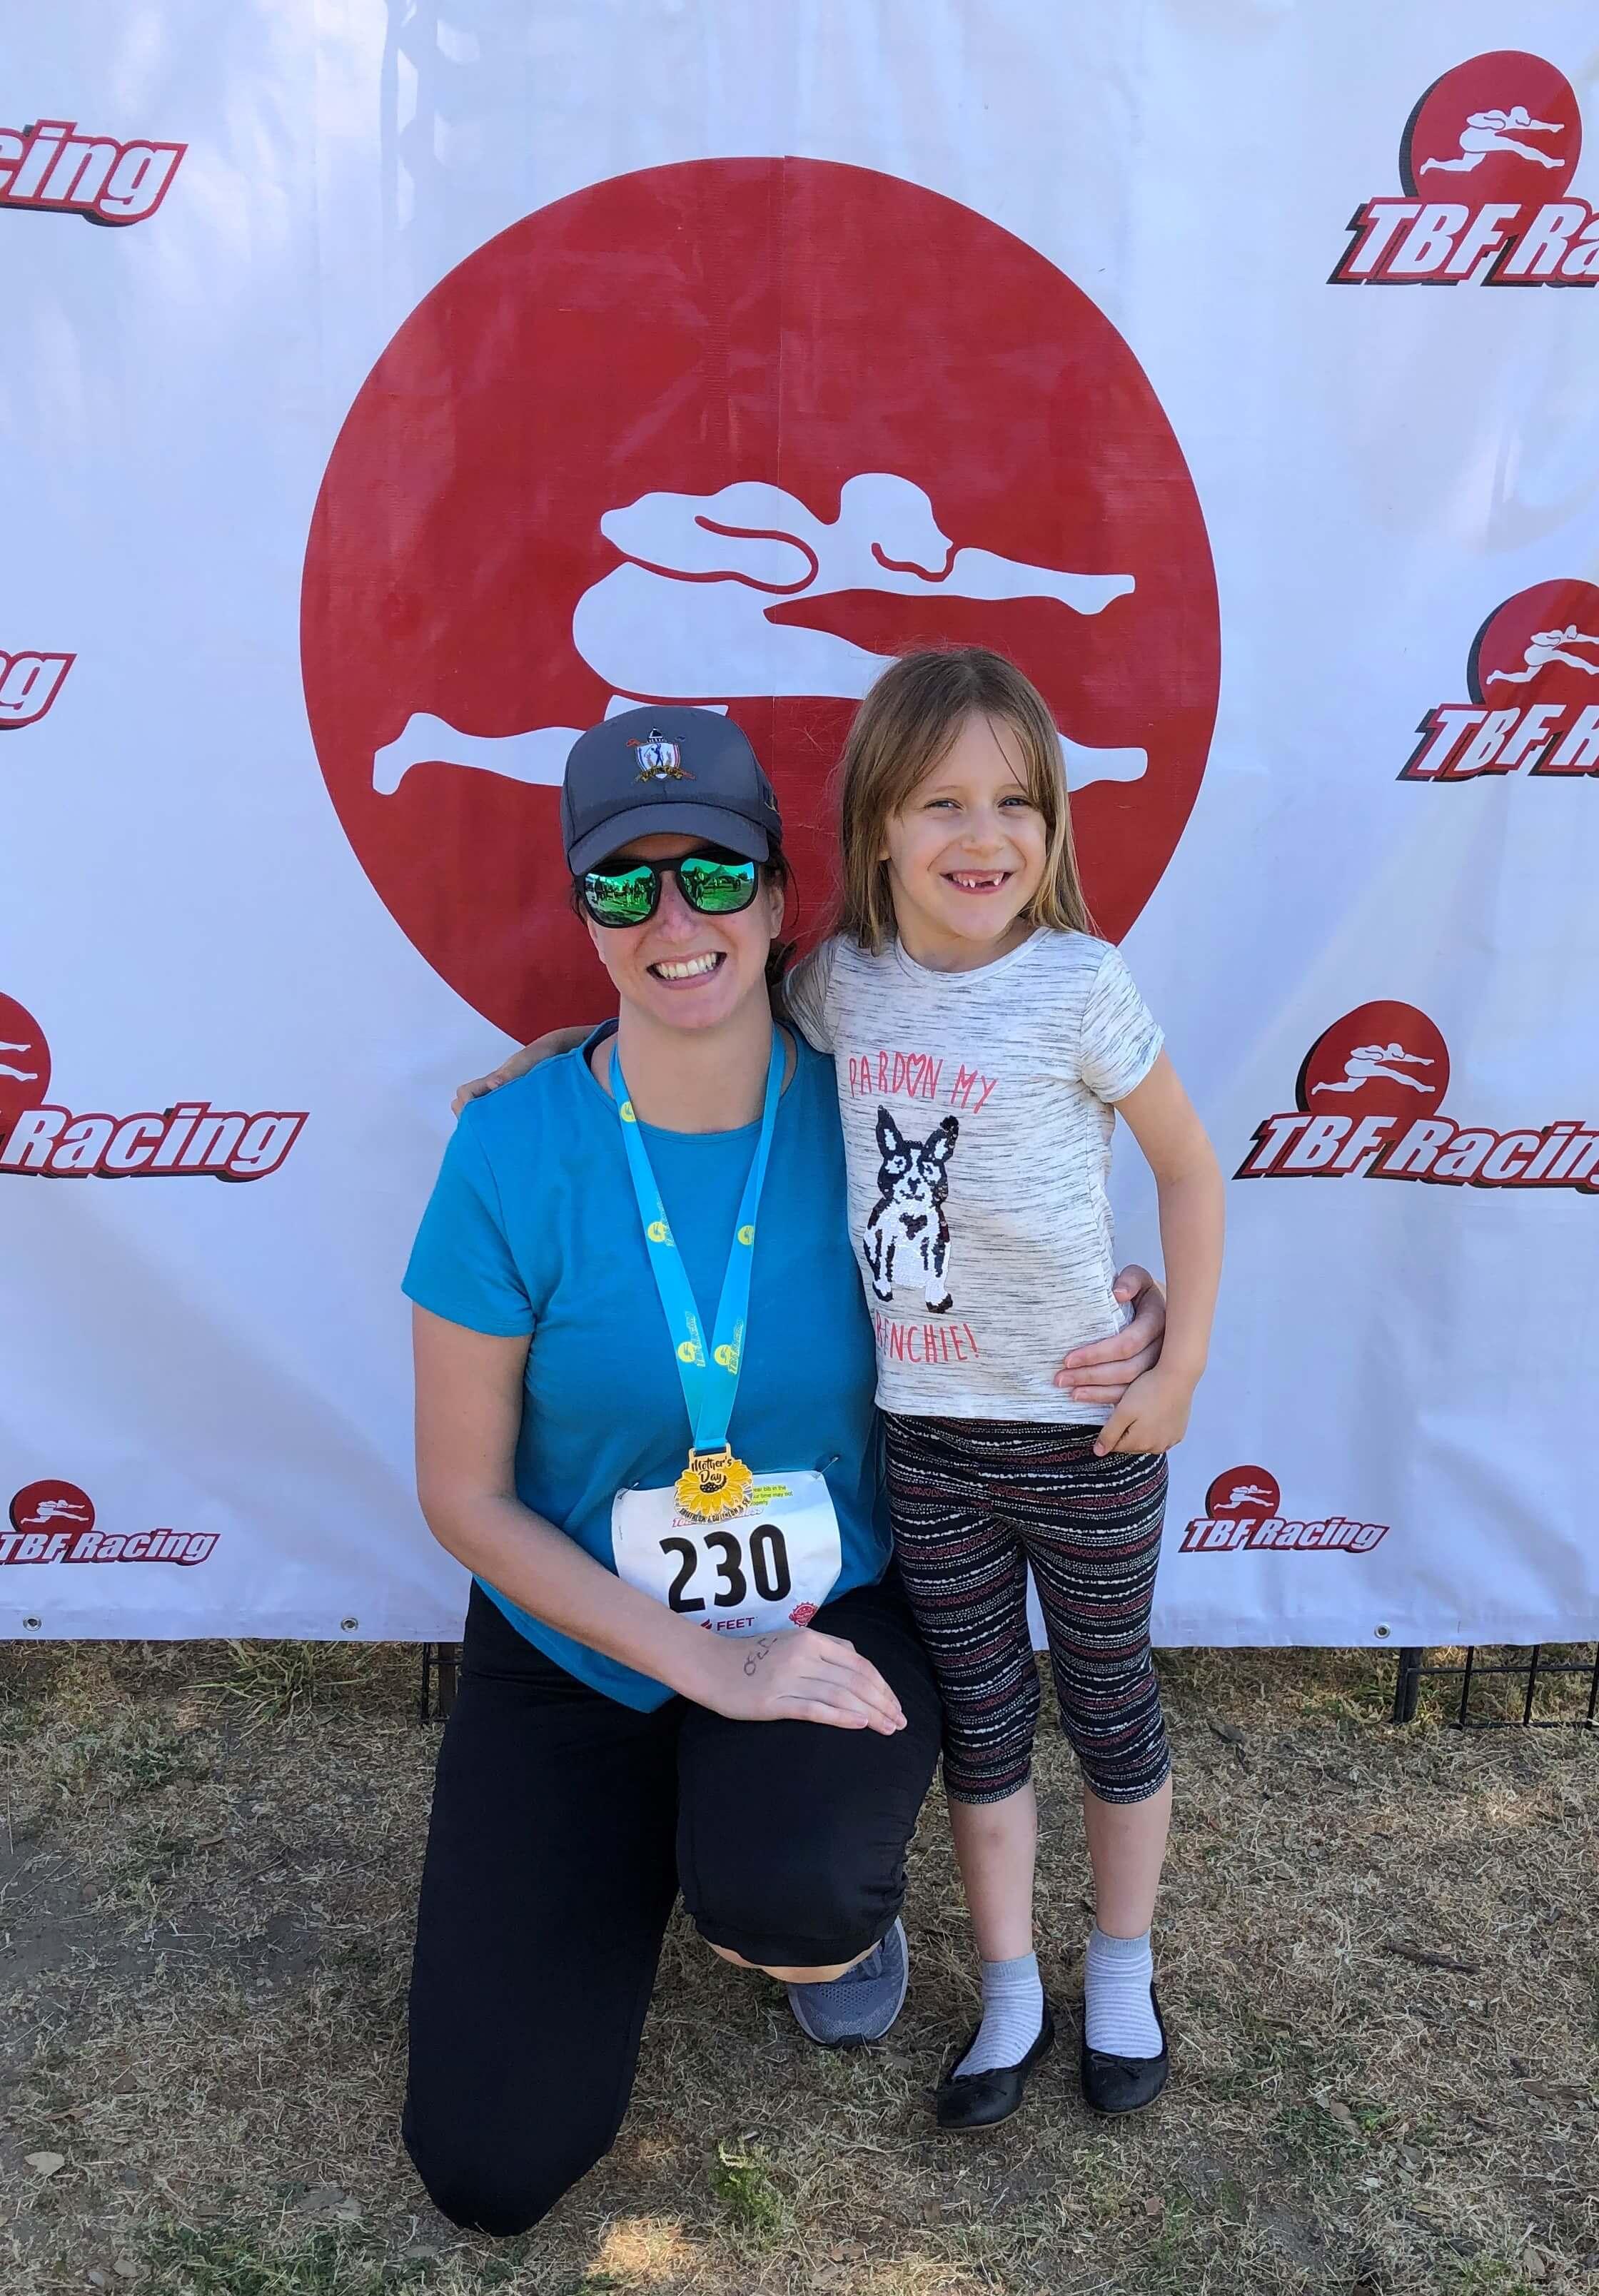 Amanda and daughter